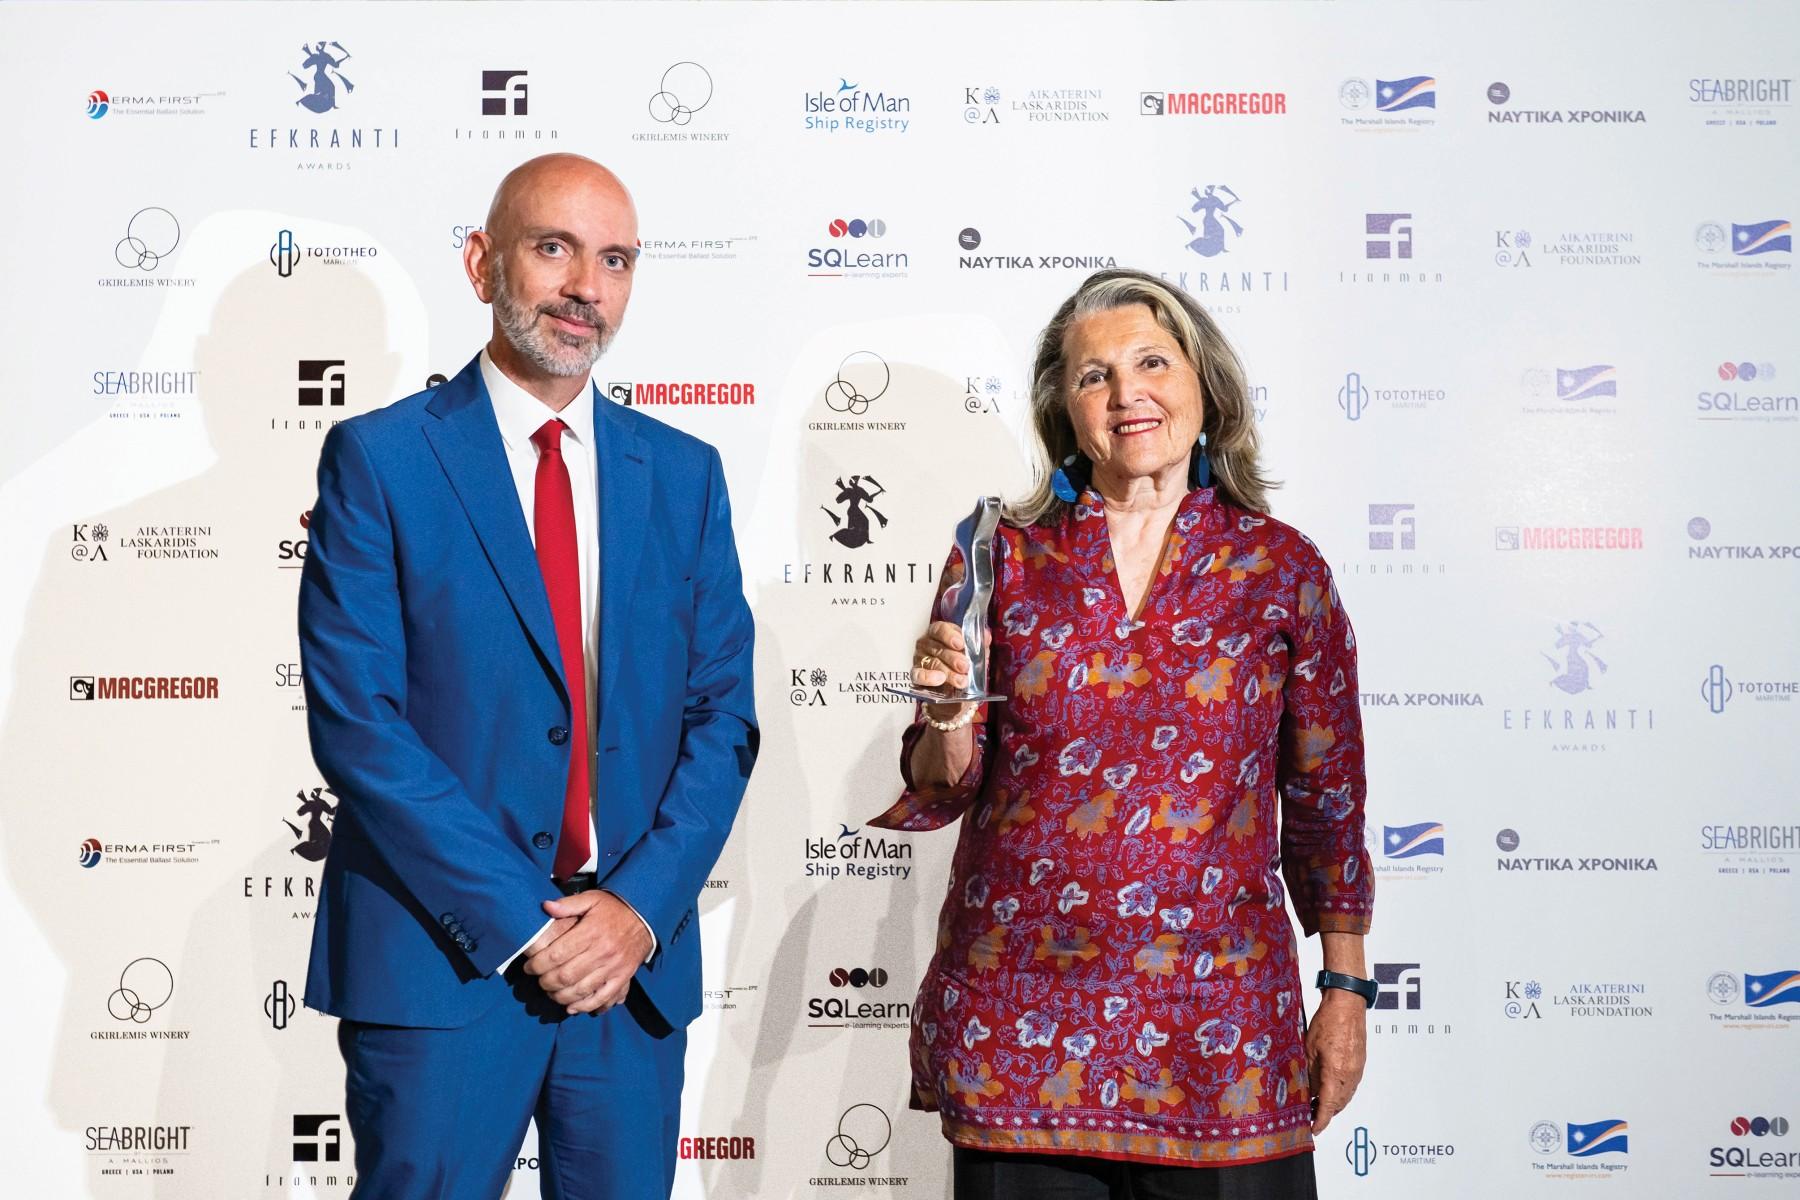 Η κ. Λυδία Καρρά παραλαμβάνει το αγαλματίδιο Ευκράντη από τον δρα Παναγιώτη Καπετανάκη, εκ μέρους της κ. Άννας Κανελλάτου, Regional Director Mediterranean-Middle East and India της MacGregor